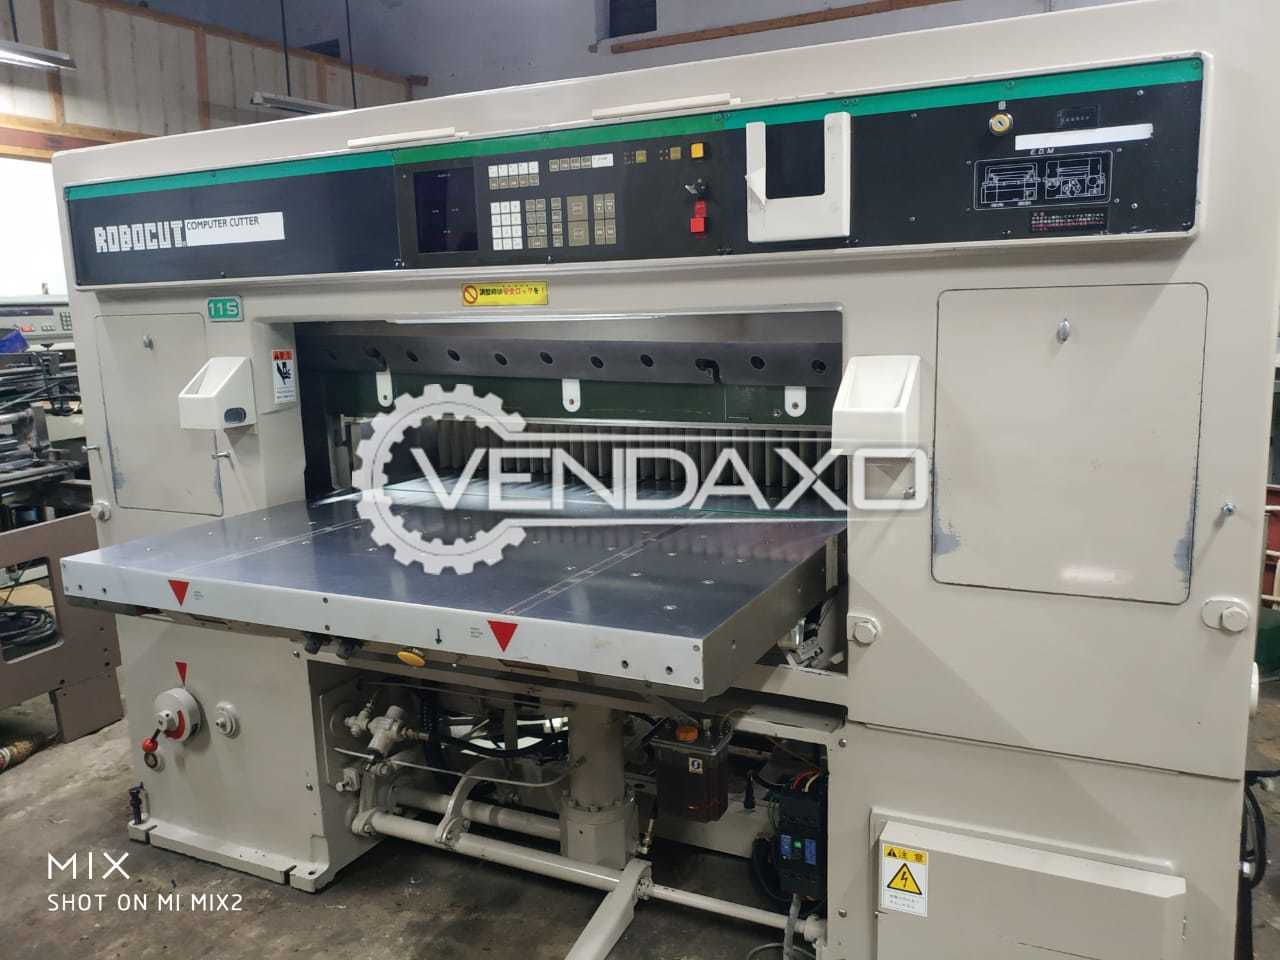 ITOH Robocut 115 Paper Cutting Machine - Size - 45 Inch, 2001 Model